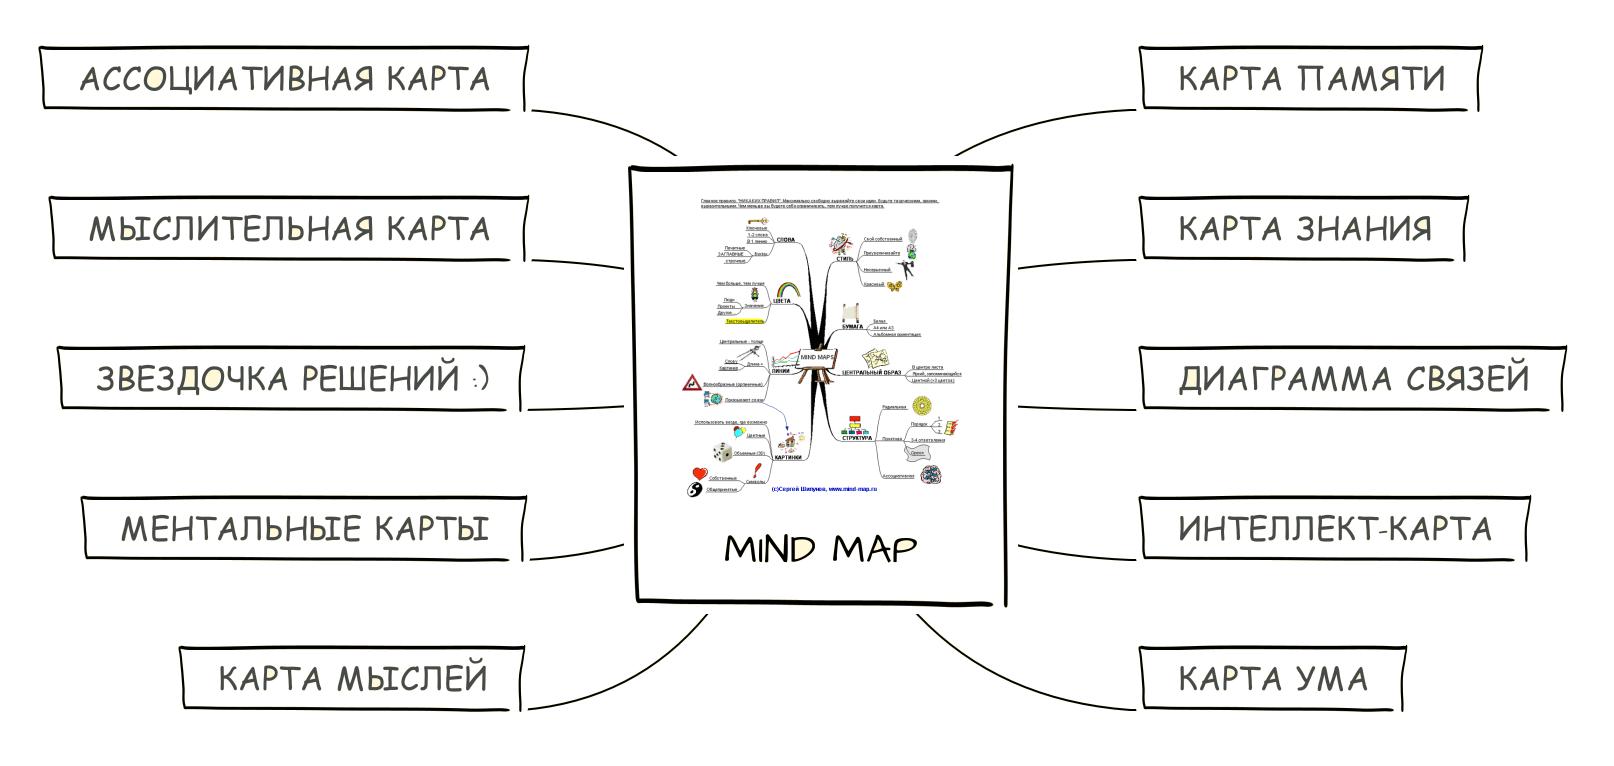 Mind Mapping, или как заставить свой мозг работать лучше - 2